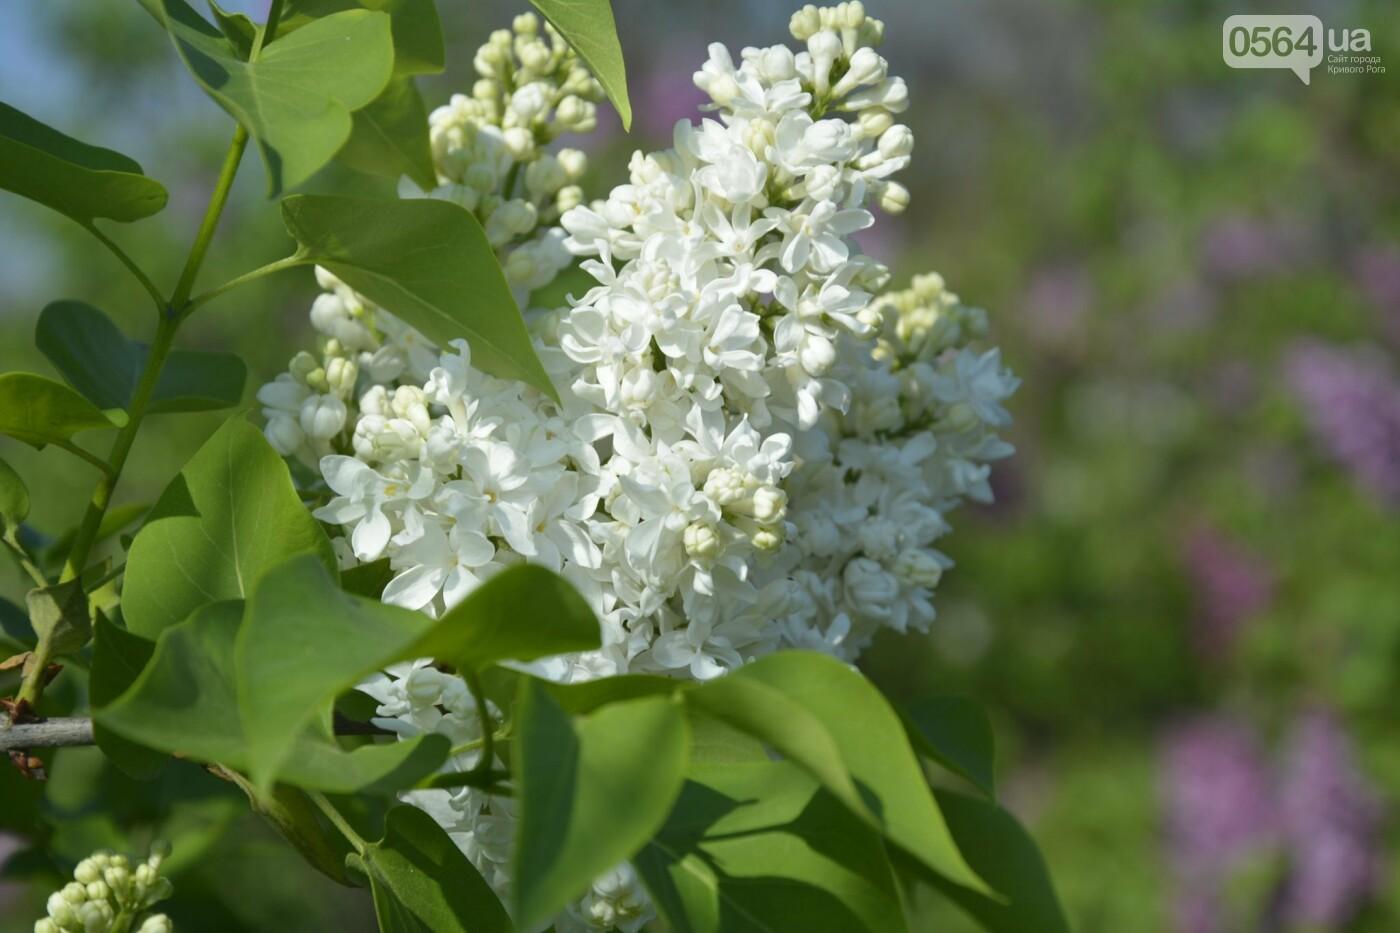 """Коллекция сирени, тюльпан """"Черный кофе"""", барбарис, - как выглядит Криворожский ботанический сад сегодня, - ФОТО, фото-7"""